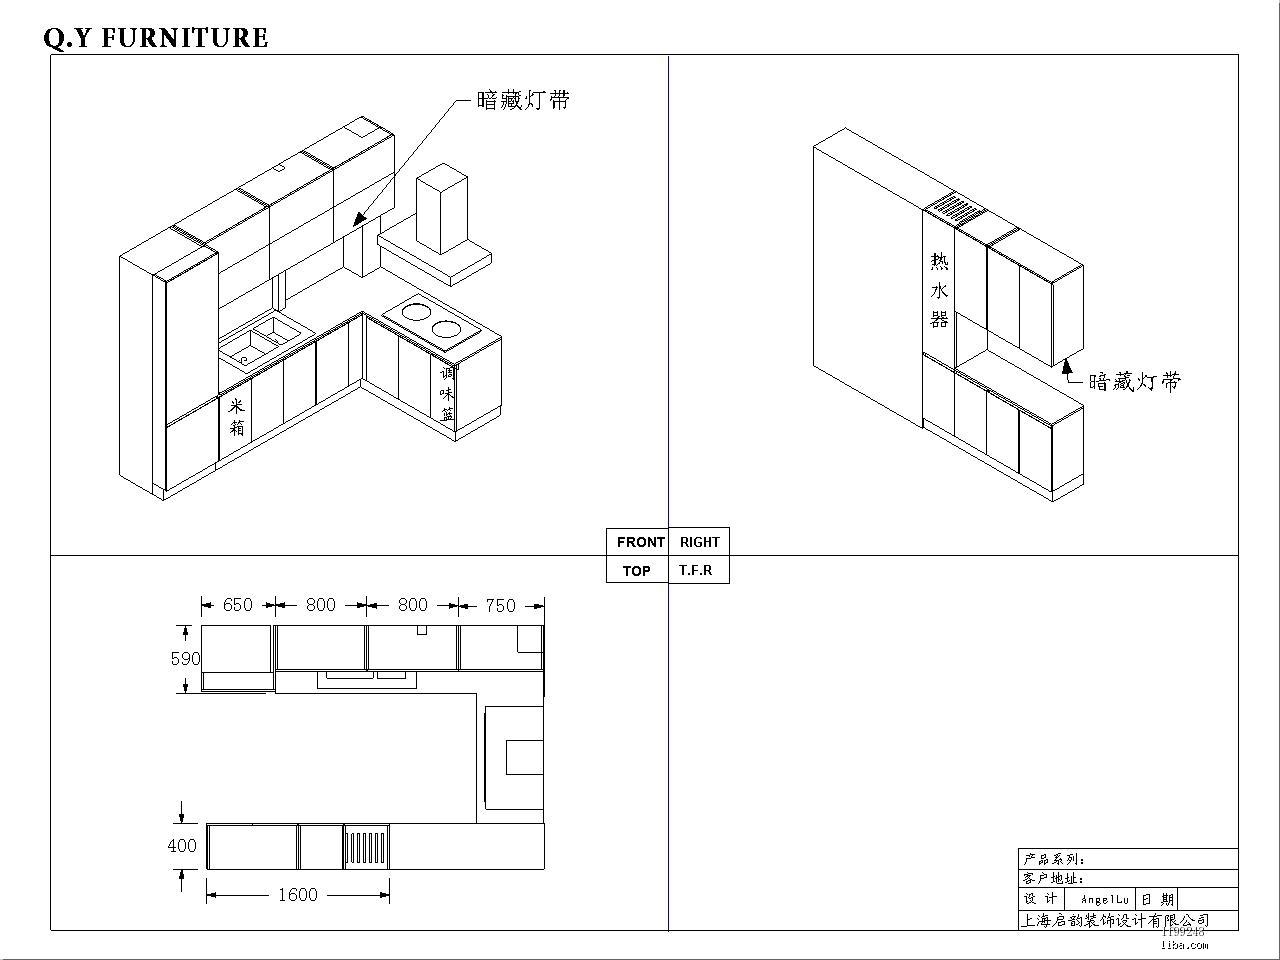 和室设计平面图